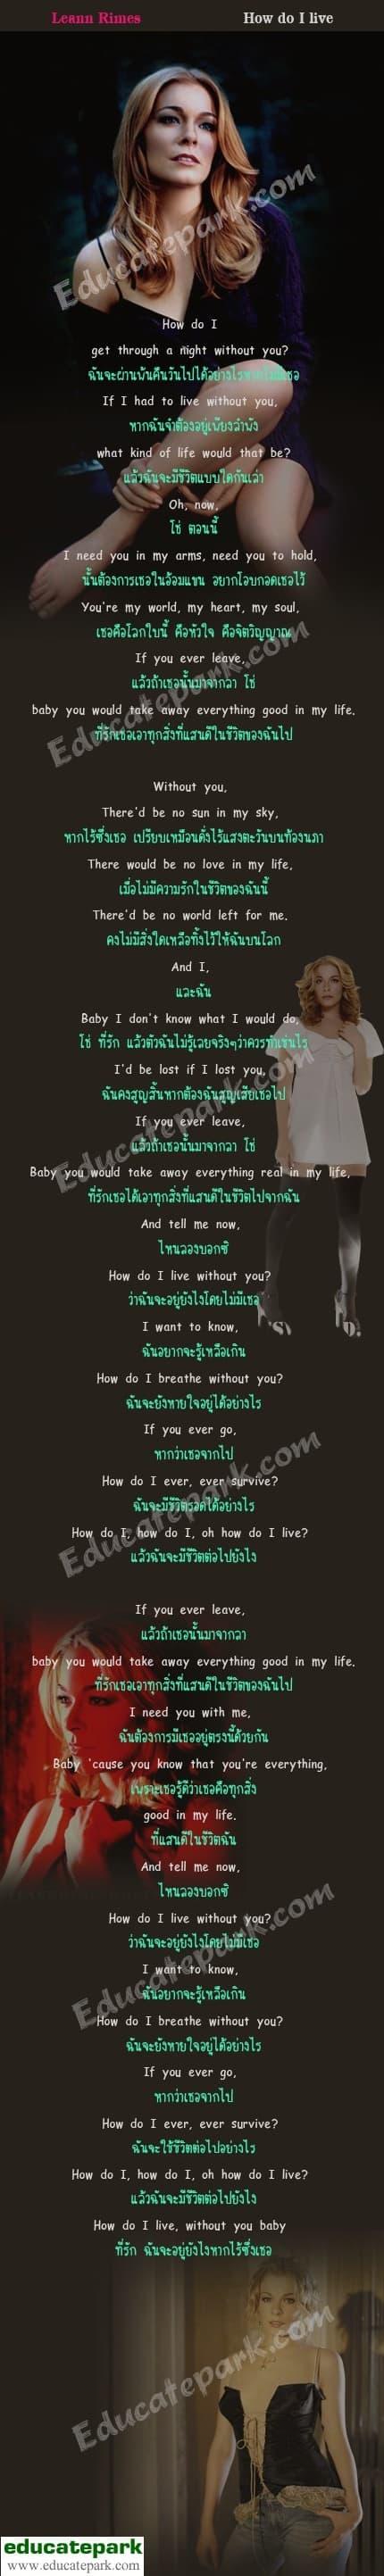 แปลเพลง How do I live? - LeAnn Rimes